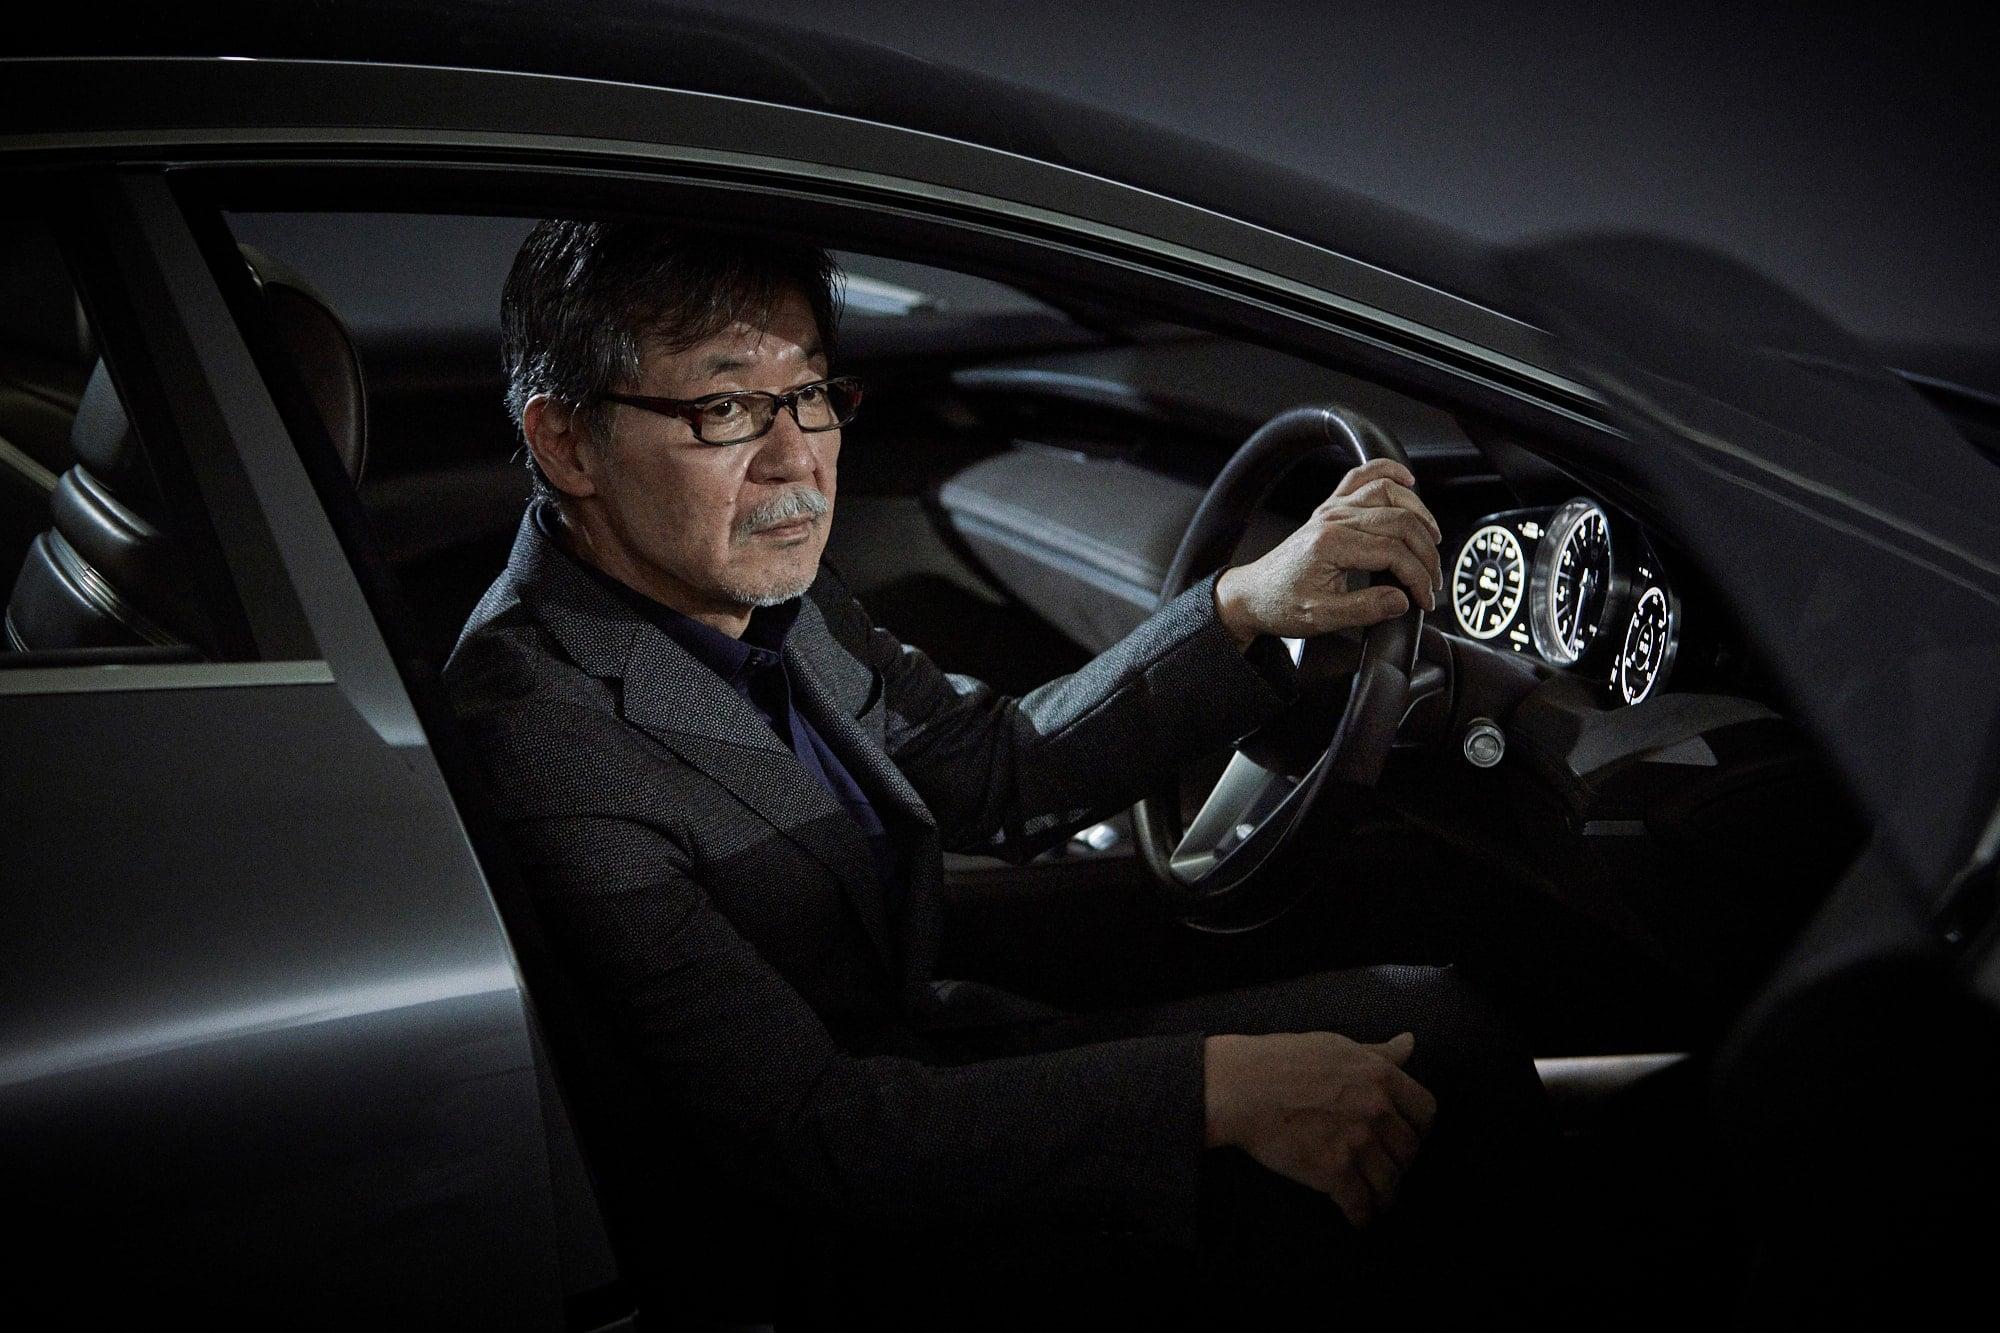 2020年、創立100周年を迎えるマツダ。「100年をひとつのメルクマールだと考えています。次の100年に向けて提案できることはなにか。デザインで応えていきたい」。休日にはレースに参加することも多い前田。オンもオフも、車の魅力を追い続ける。